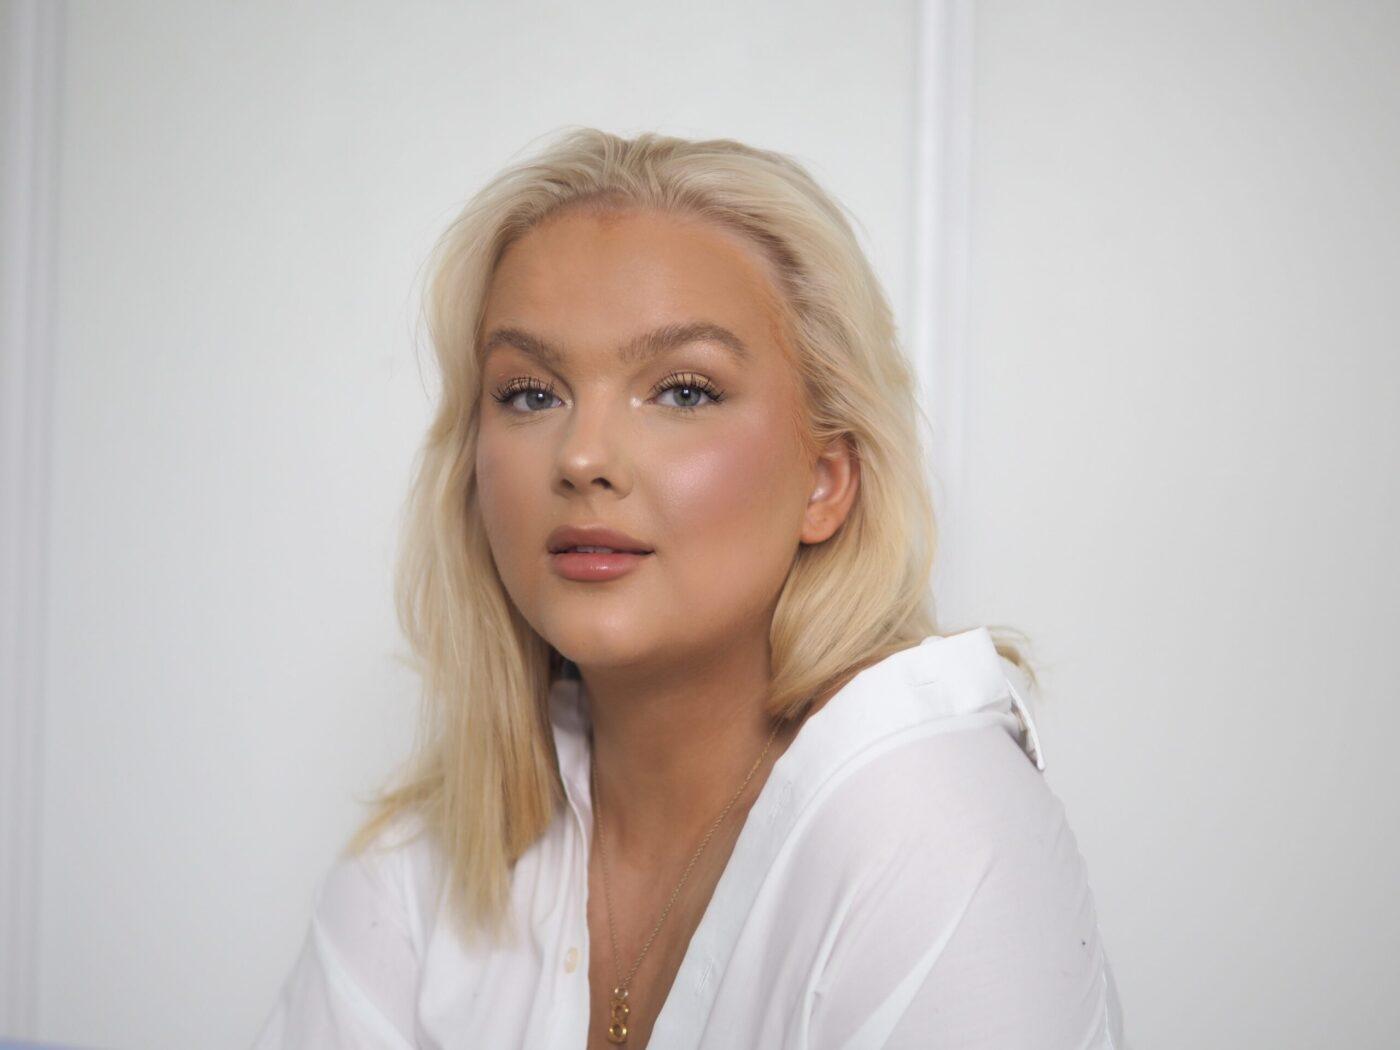 Janina Koskenniska